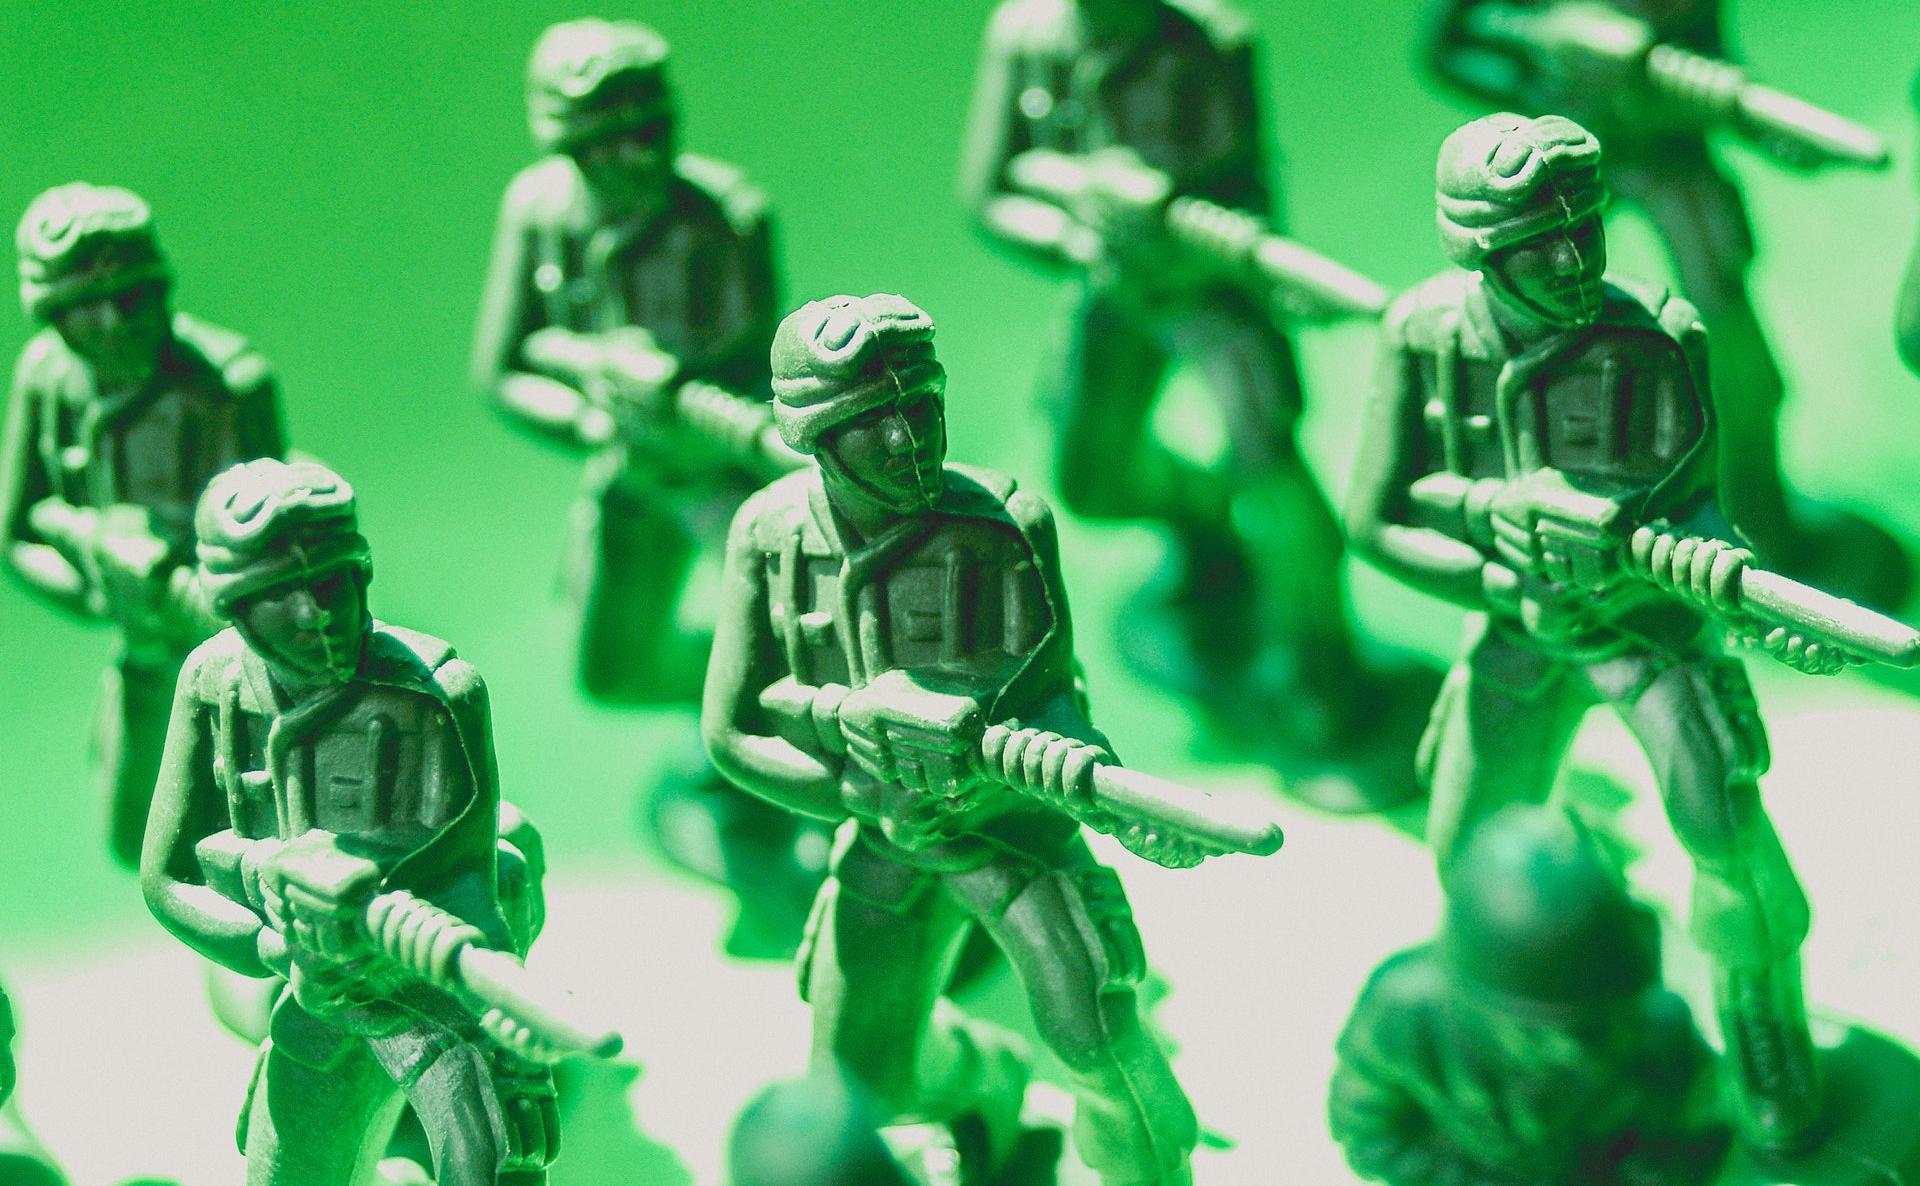 প্রধানমন্ত্রীর তহবিলে এক দিনের বেতন দিলেন বাংলাদেশ সেনাবাহিনী